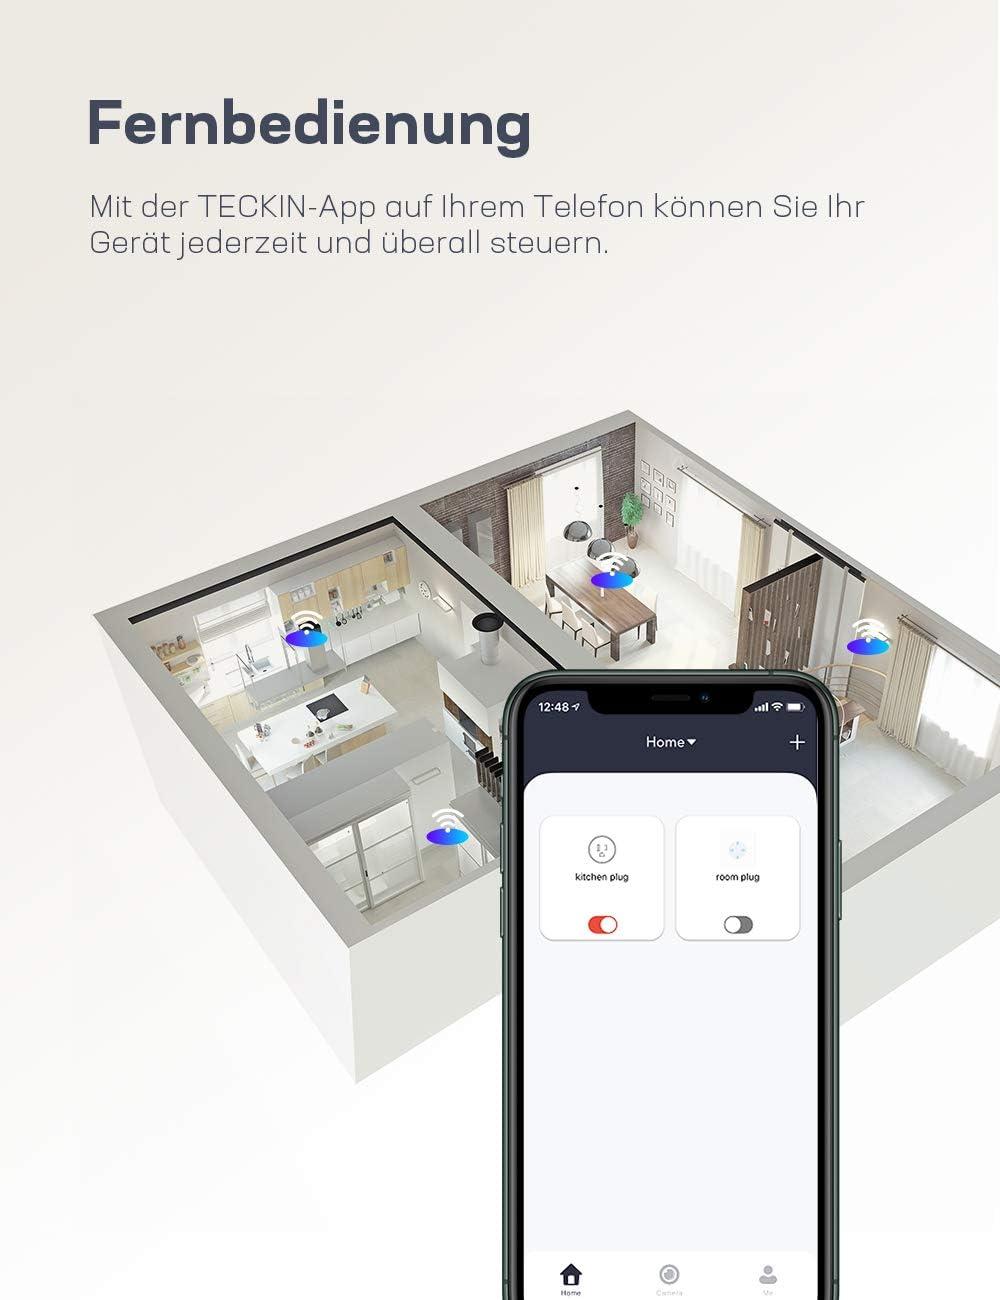 4 Pack Teckin Wlan Steckdose Smart Steckdose Wifi plug 16A Stecker Funktionieren mit Google Home und Alexa Fernbedienbar und Sprachsteuerung Stromverbrauch messen auf nur 2.4 GHz Netzwerk